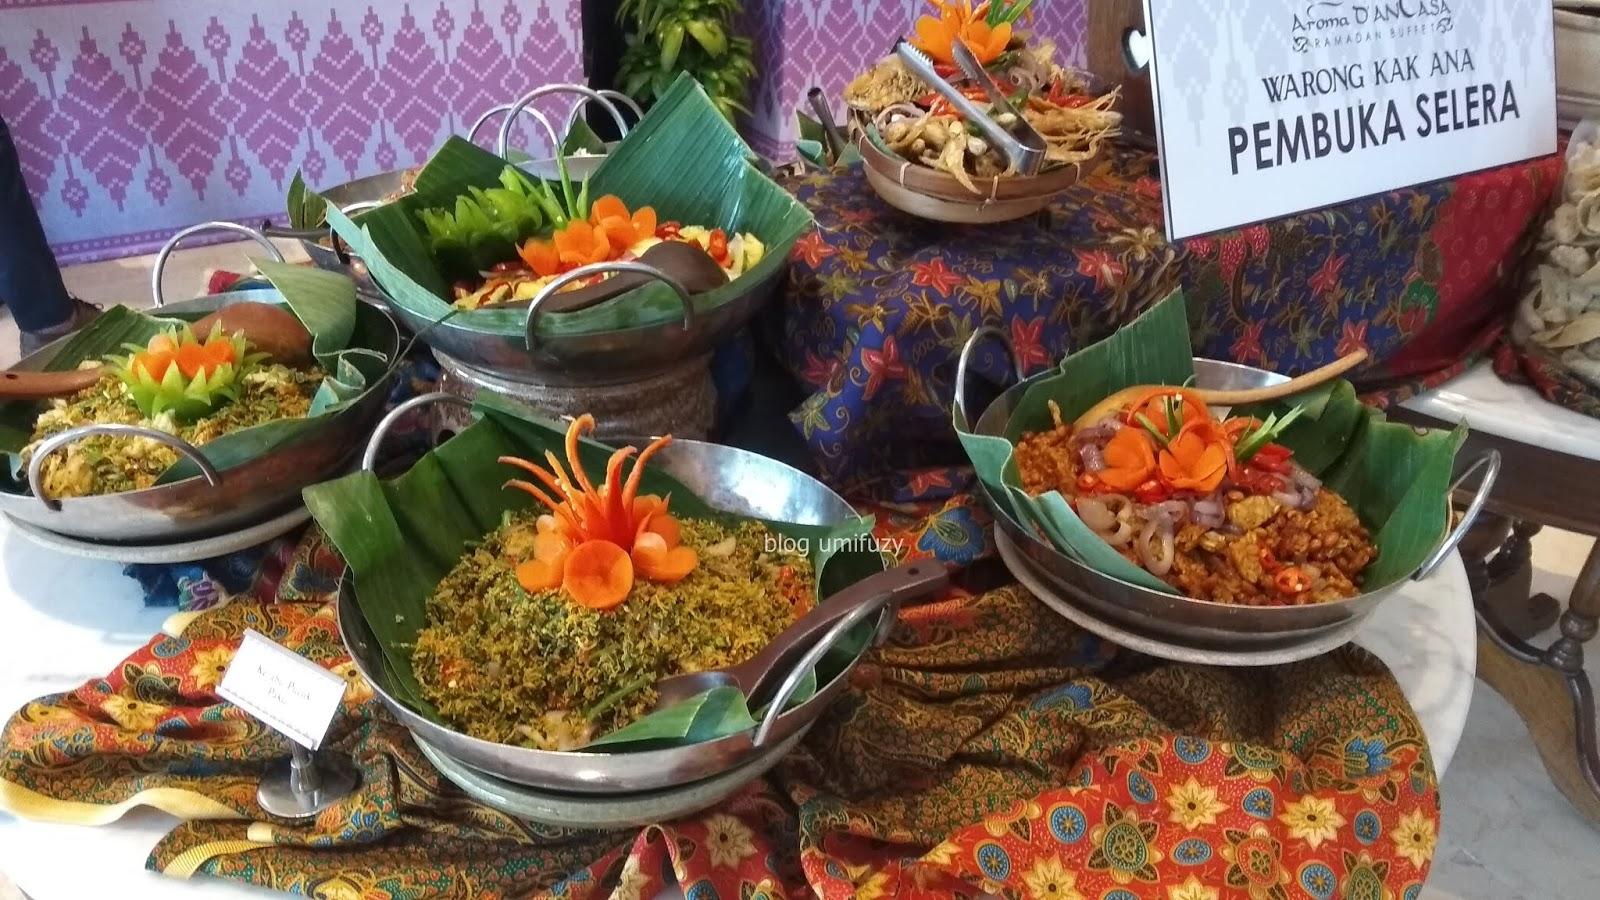 Bufet Ramadan Tradisional East Meet West Di Aroma D'AnCasa